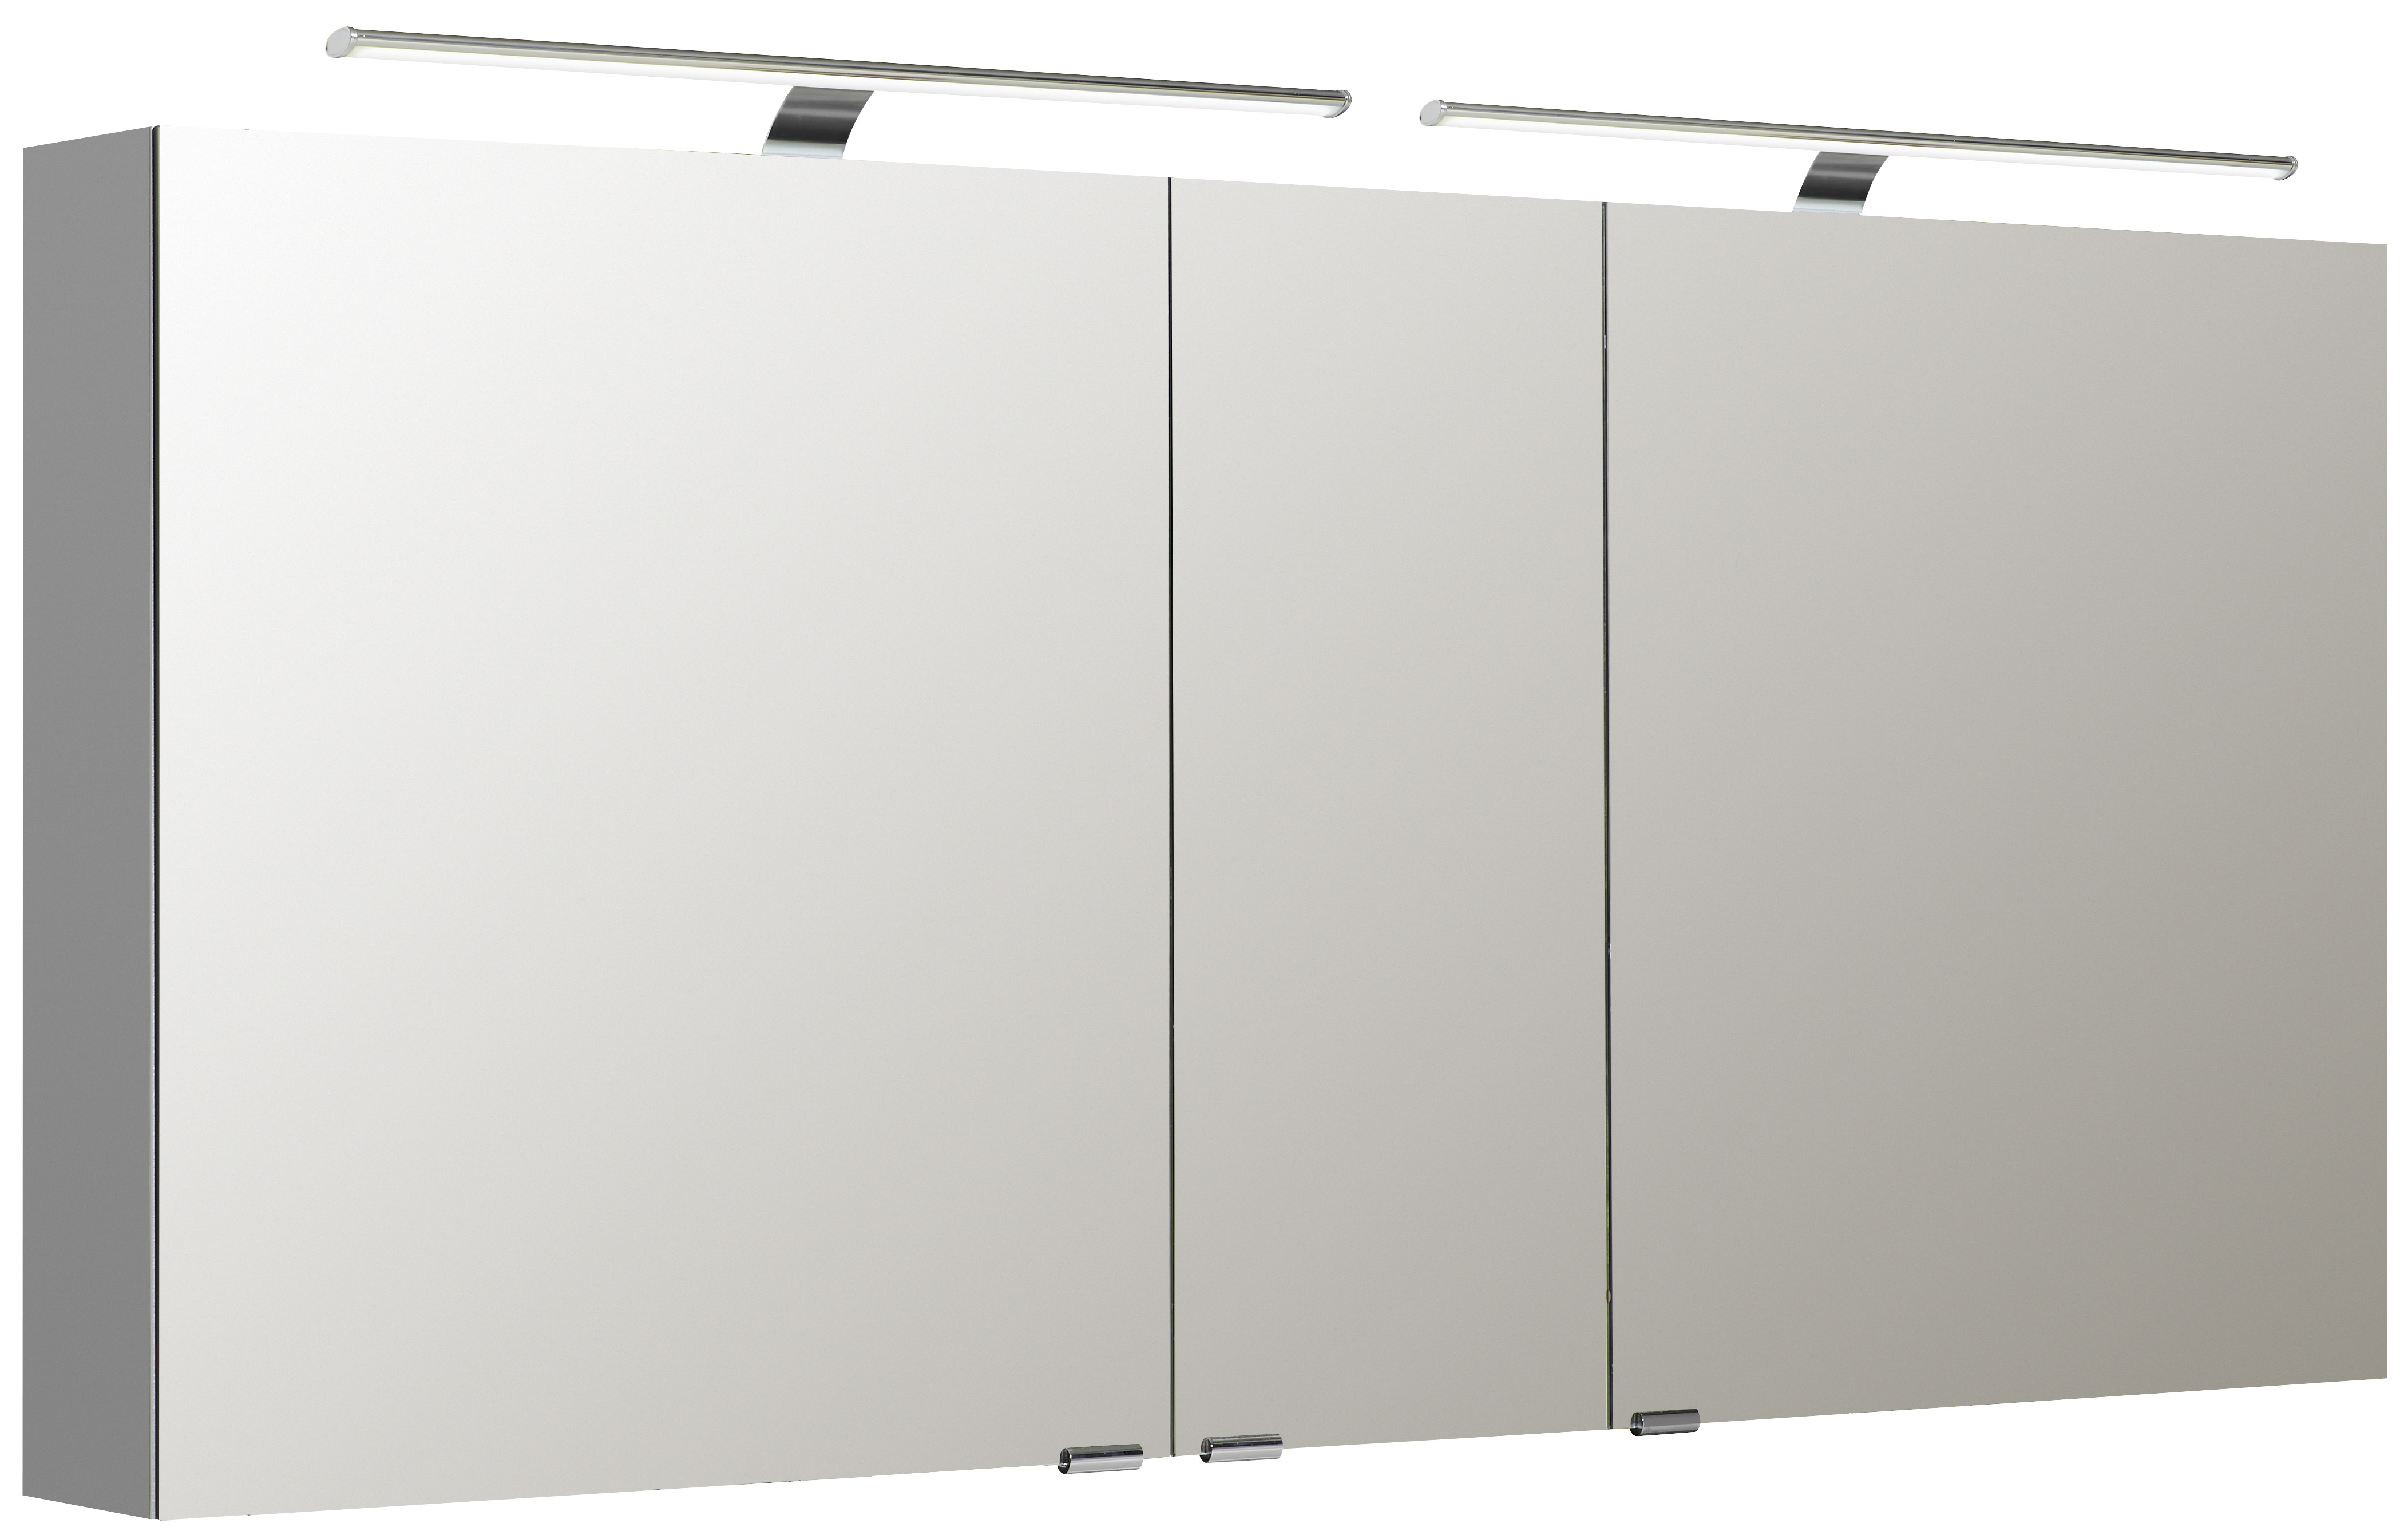 ... Alu Spiegelschrank ~ Spiegelschrank 150 Cm Badezimmer 2016 ...